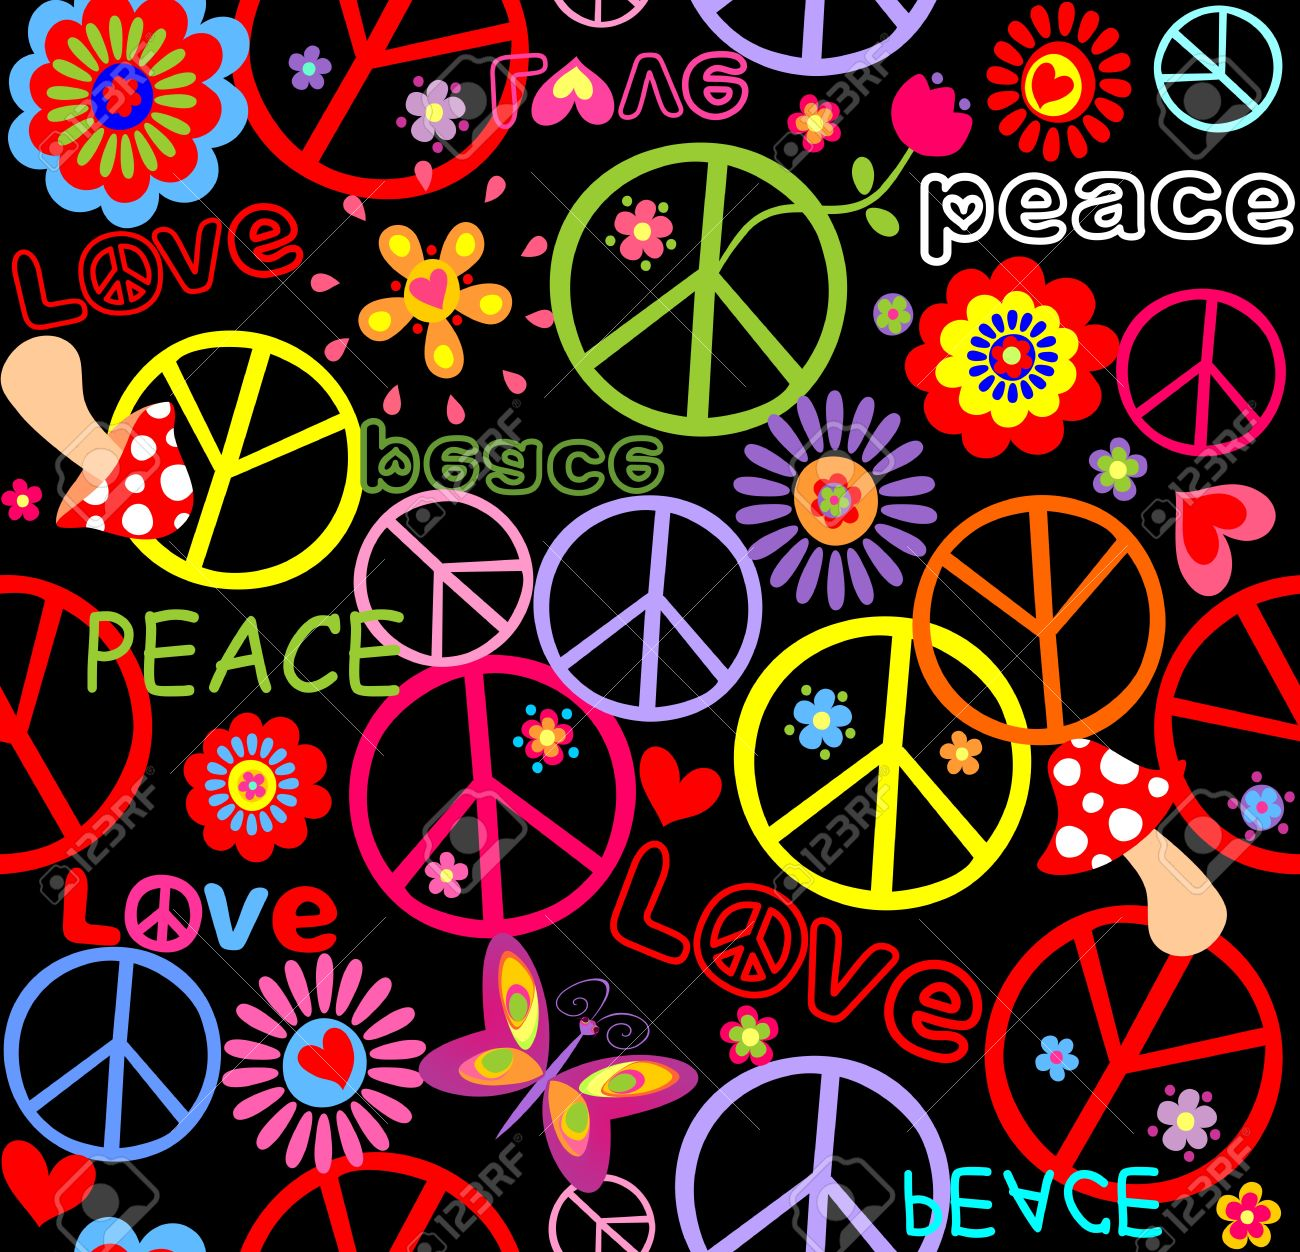 平和のシンボル キノコ 抽象の花でヒッピーの壁紙のイラスト素材